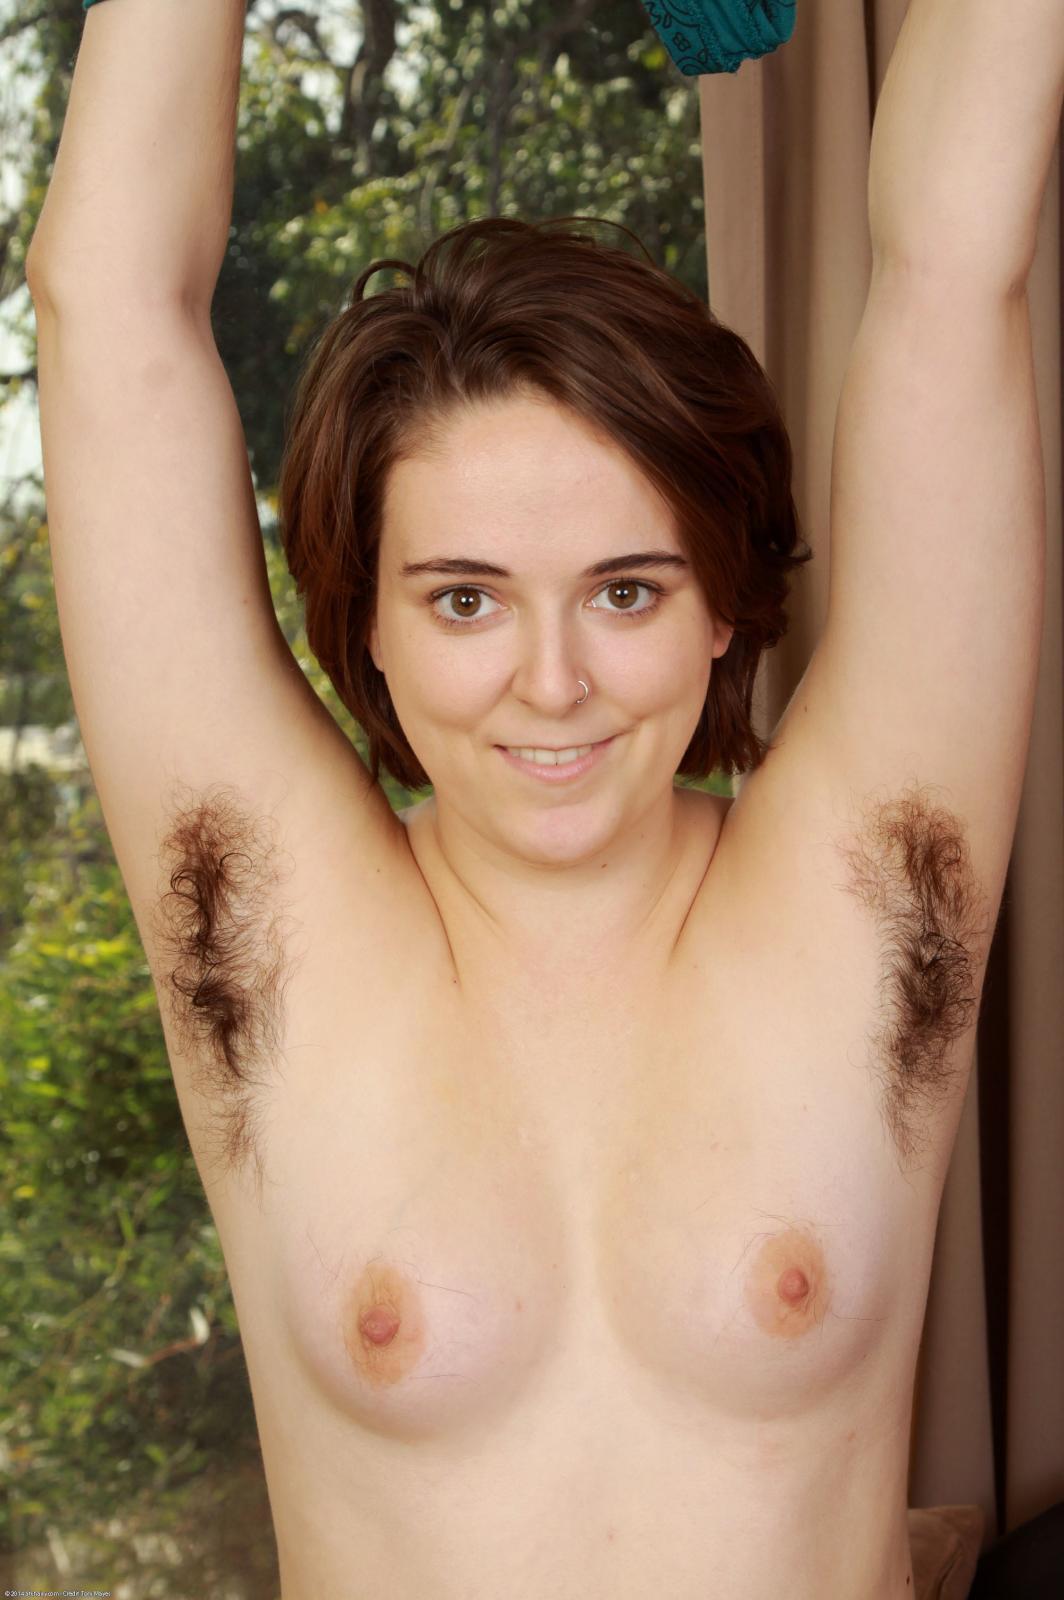 Hairy women armpits